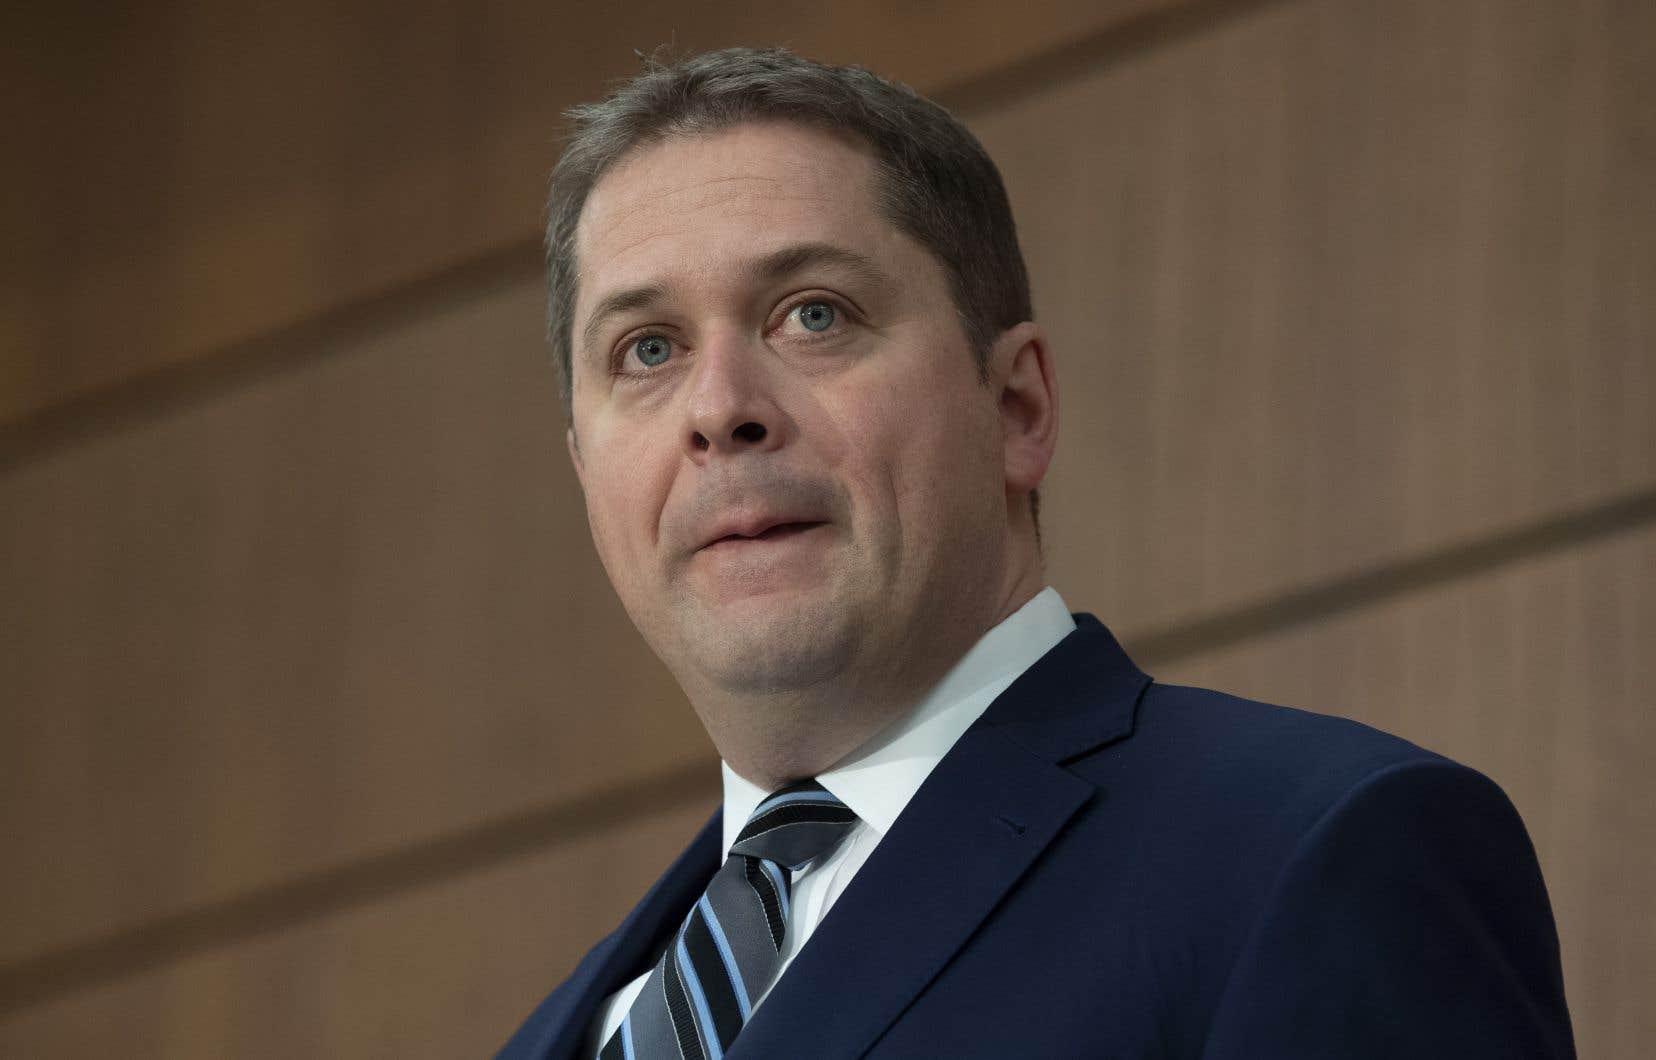 Andrew Scheer dit qu'il va mettre de la pression pour que le gouvernement soit «transparent» avec les Canadiens dans les meilleurs délais.